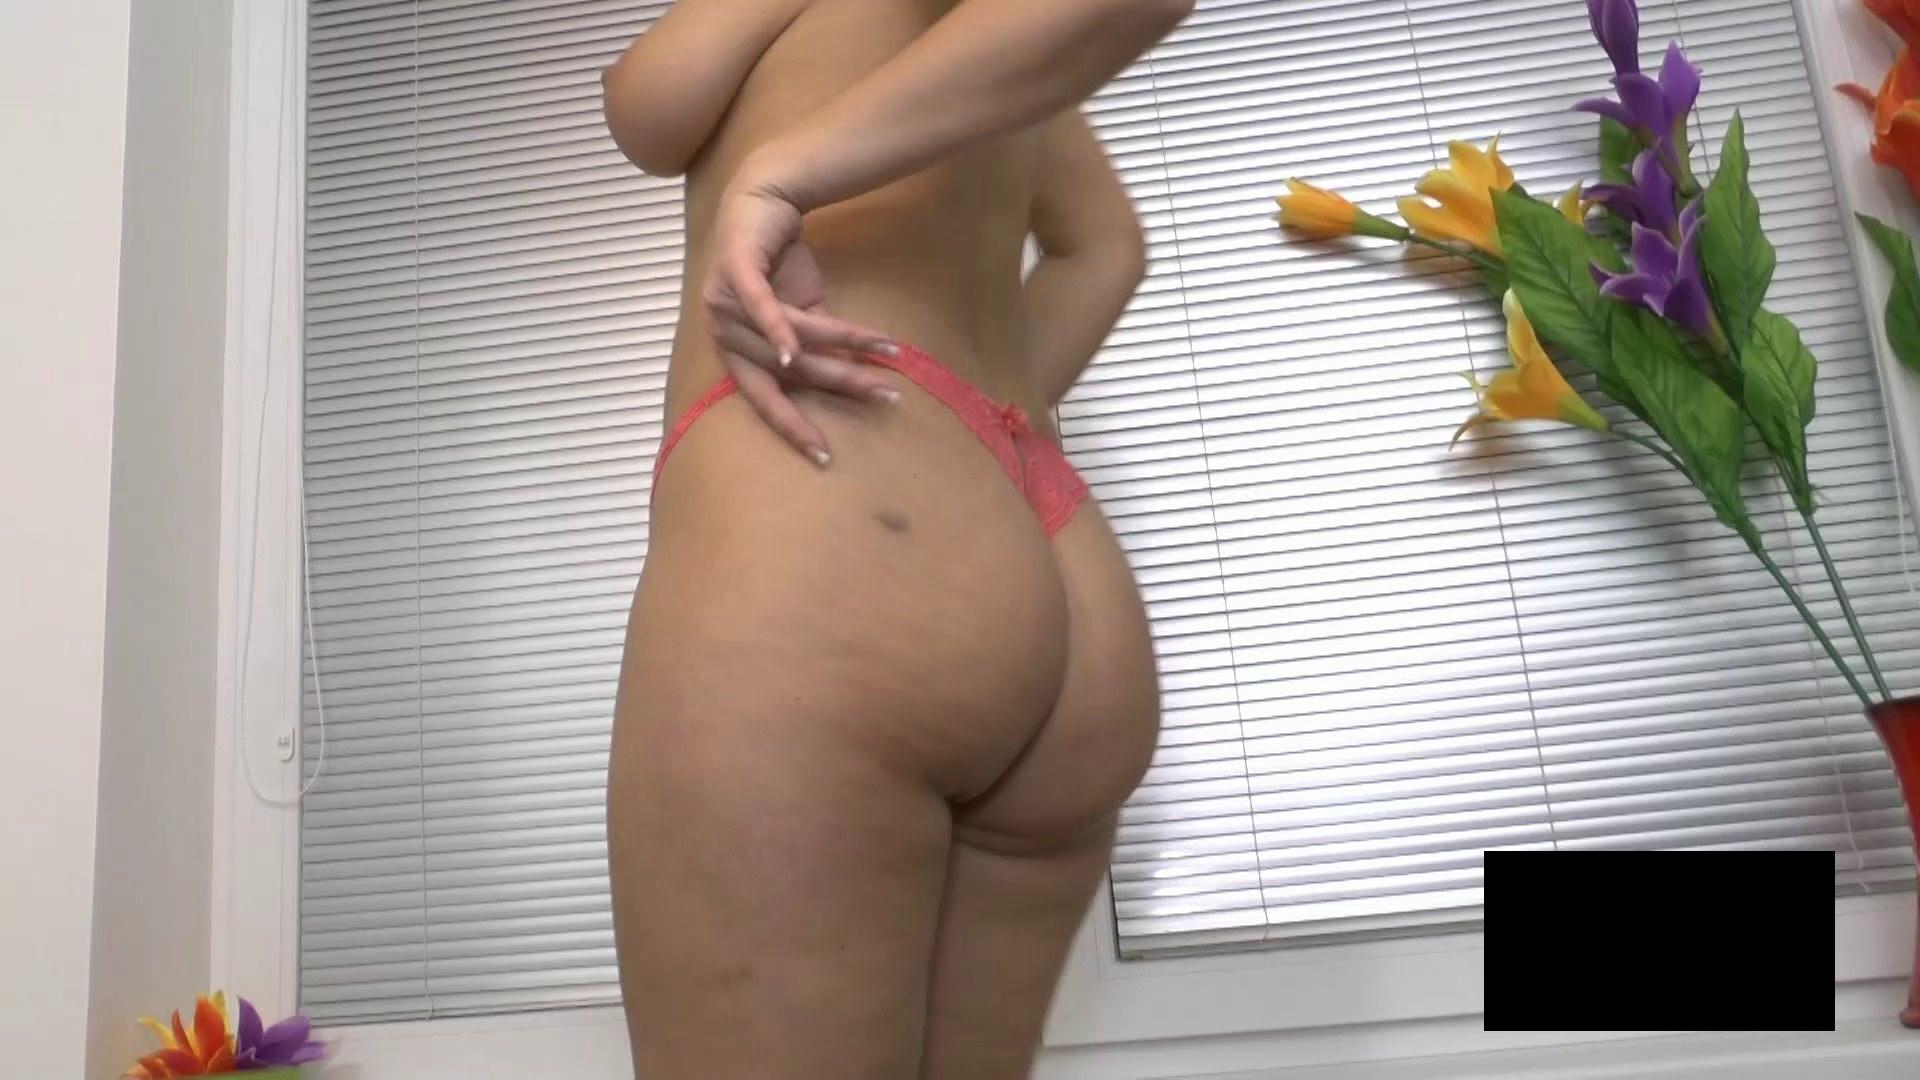 脂肪たっぷりの東欧熟女の脱衣ヌード画像貼ってくwwwwwwwww M4TRs65